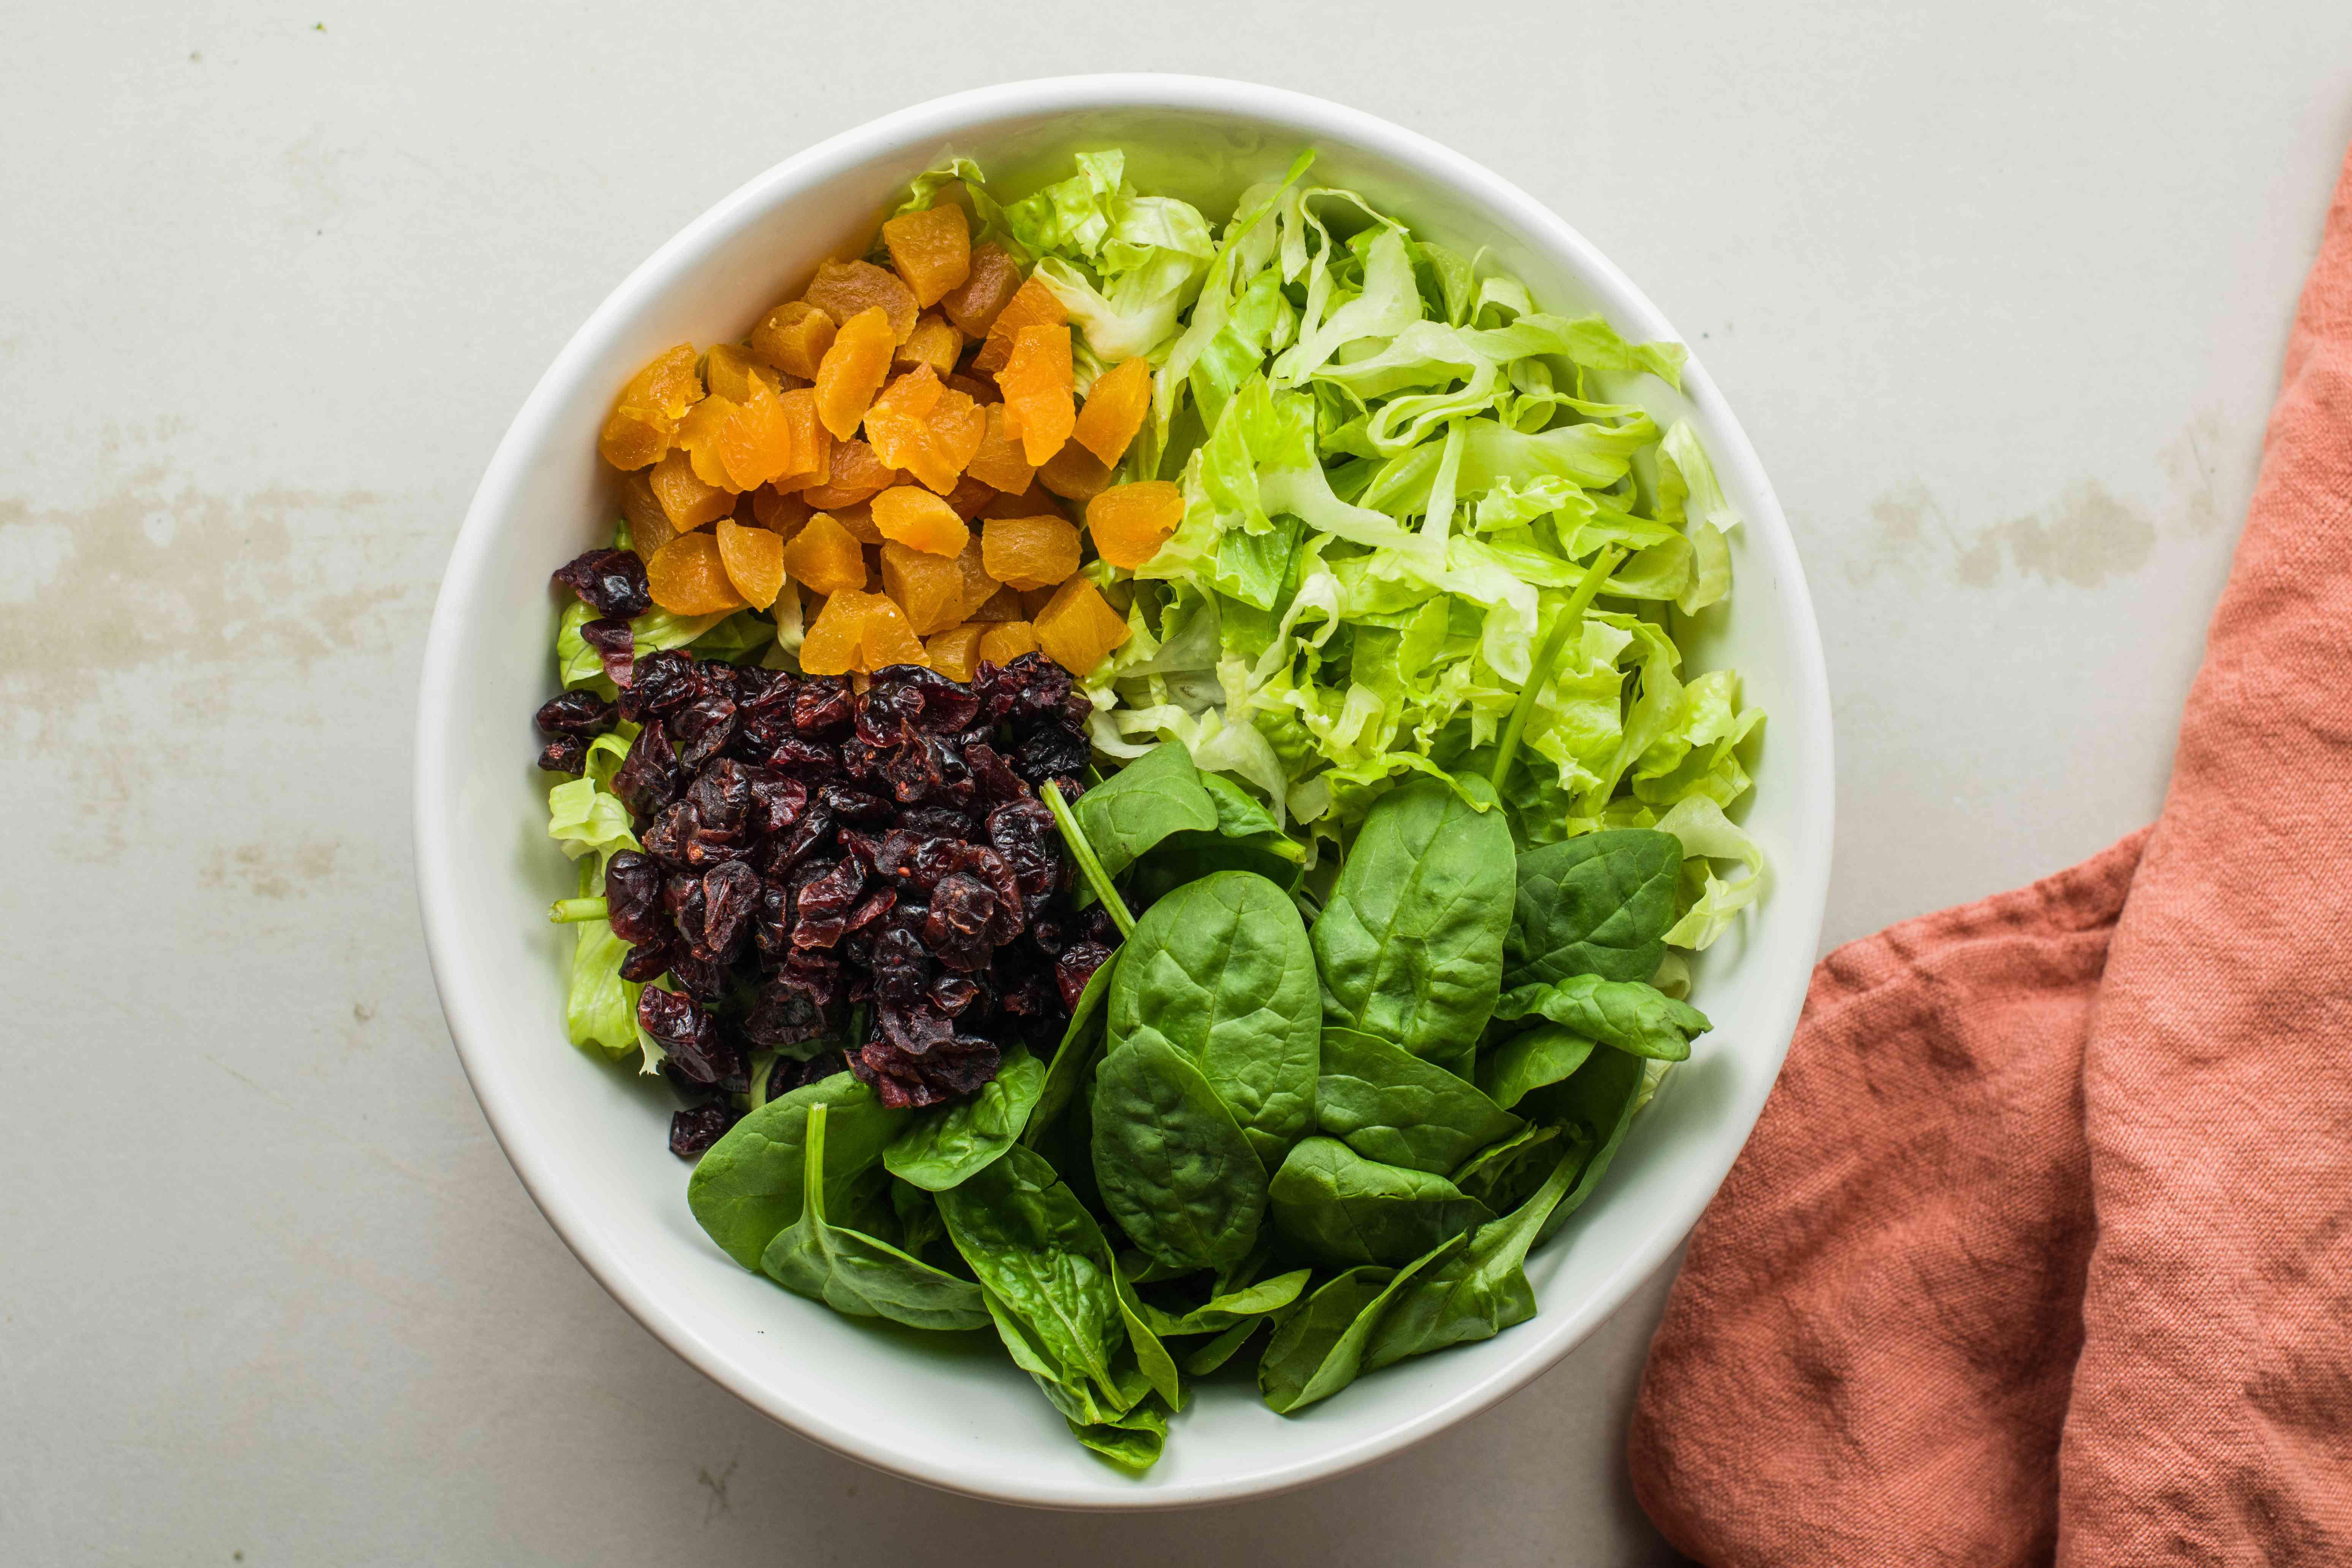 Put ingredients into large bowl